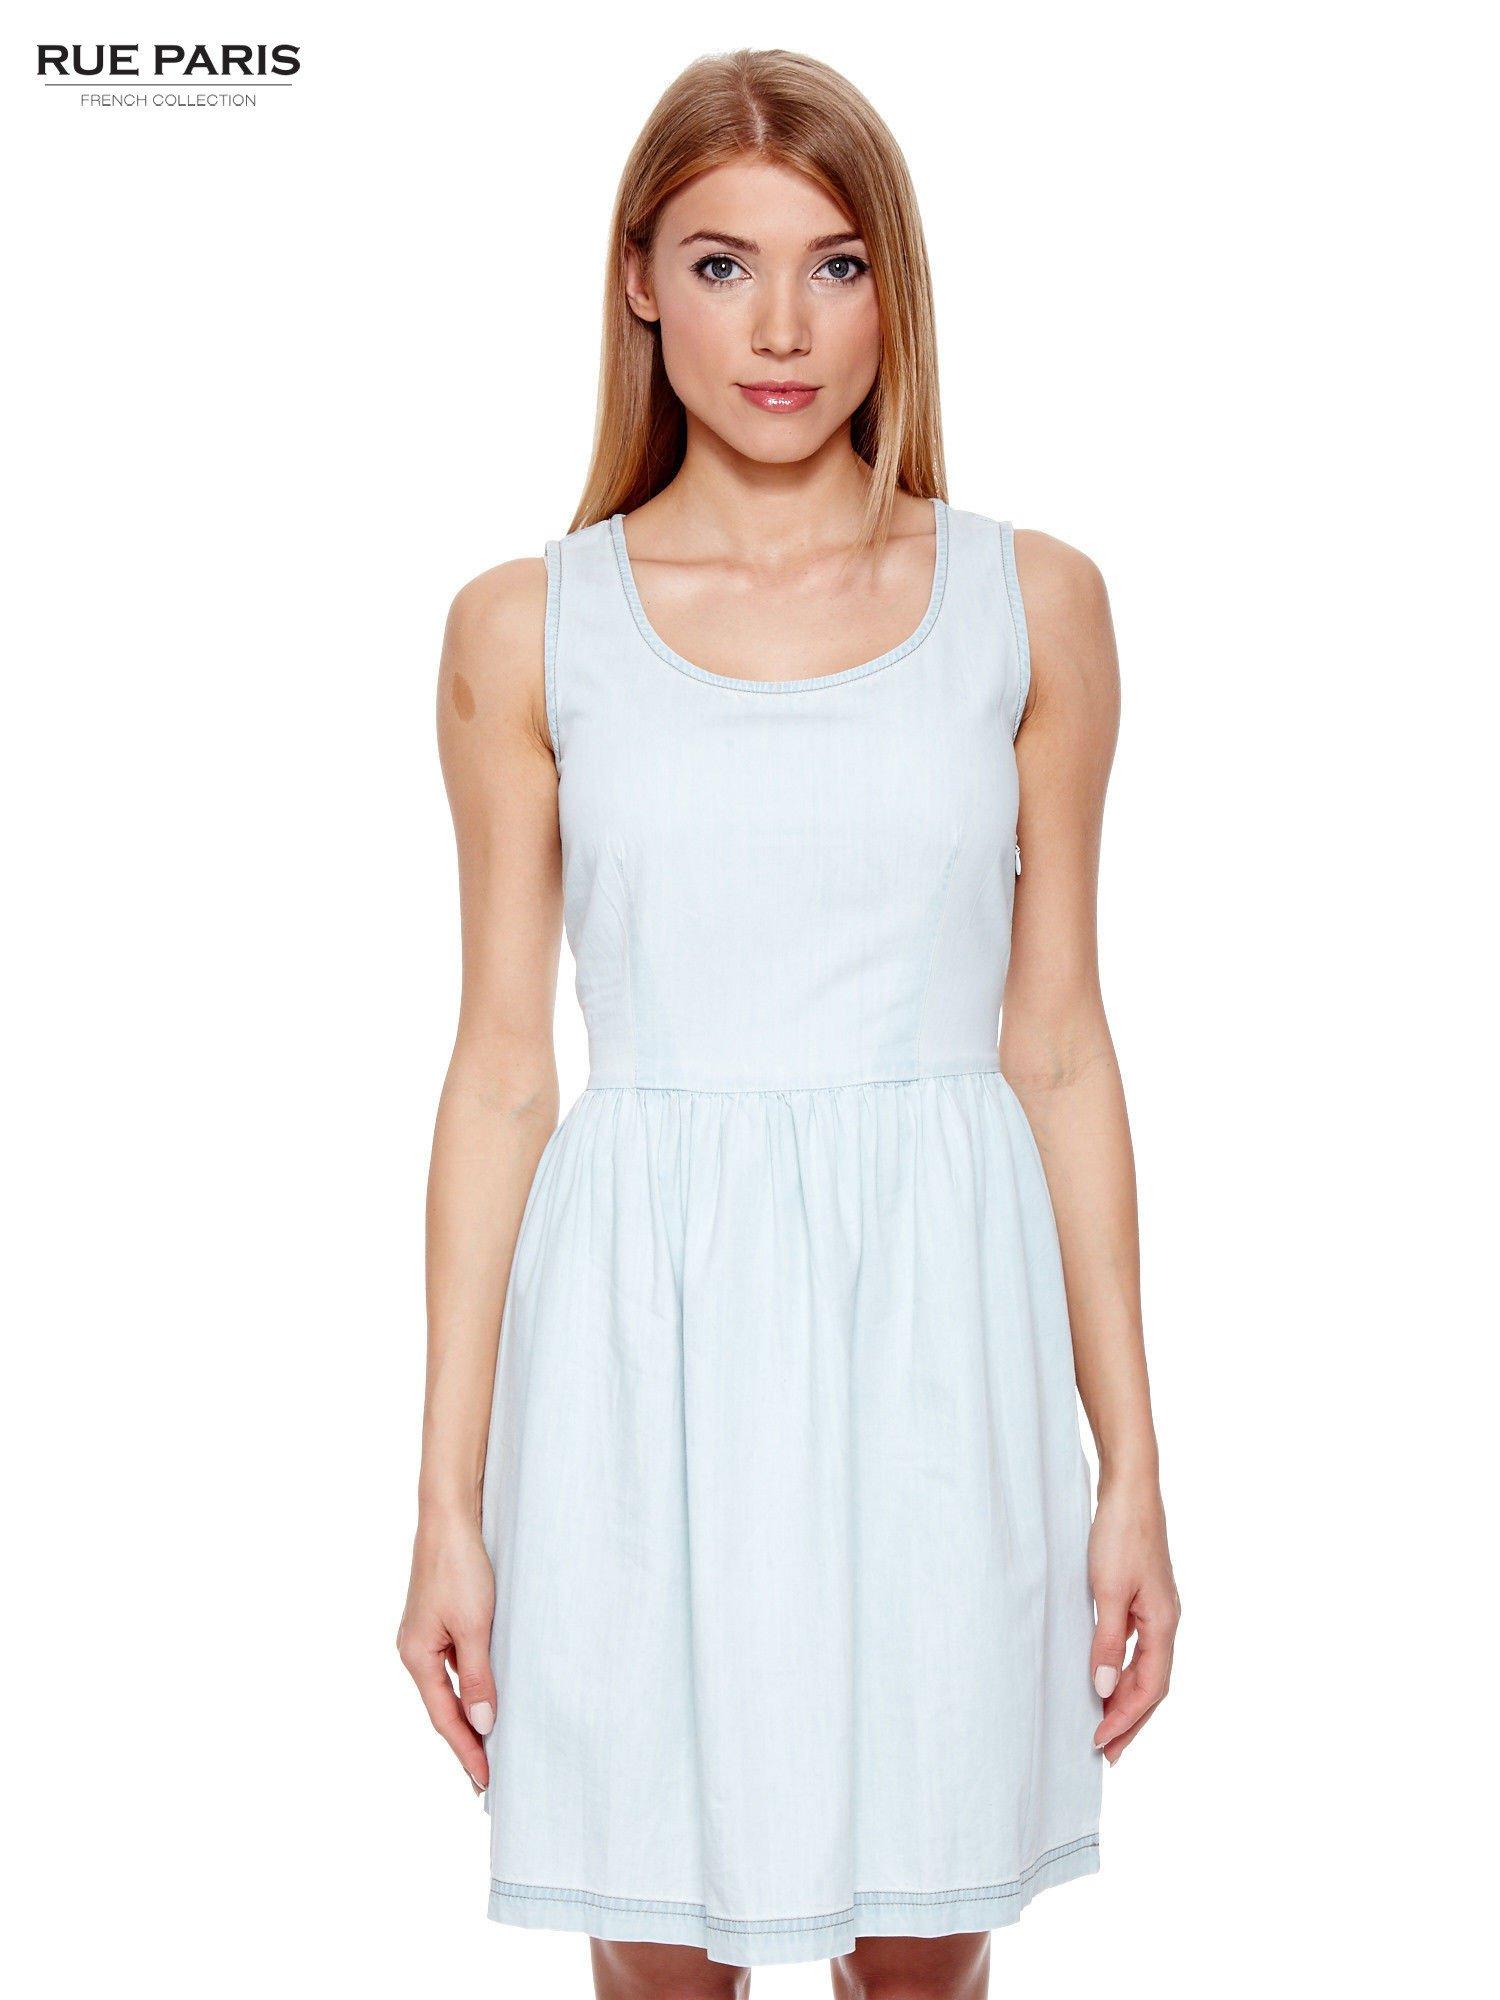 Jasnoniebieska jeansowa sukienka z podkreśloną talią                                  zdj.                                  1